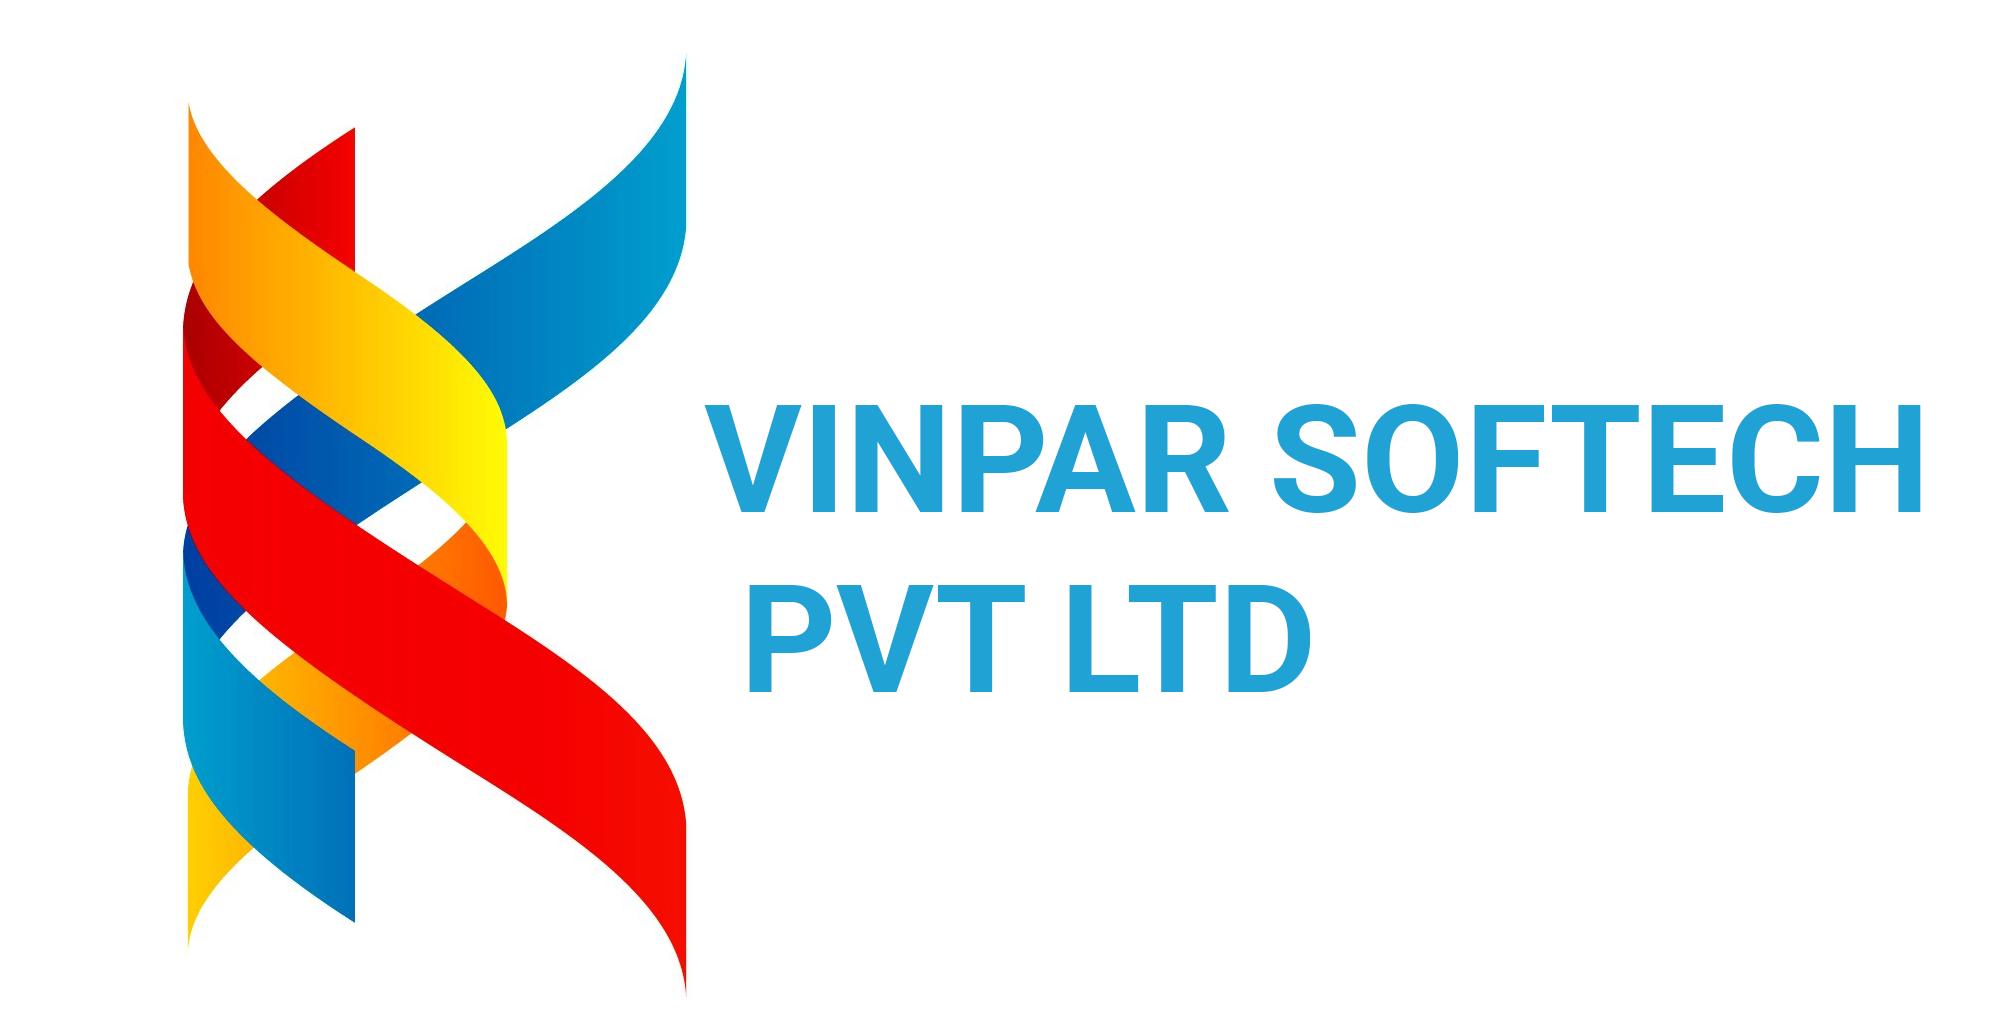 Vinpar Softech - Product Management company logo